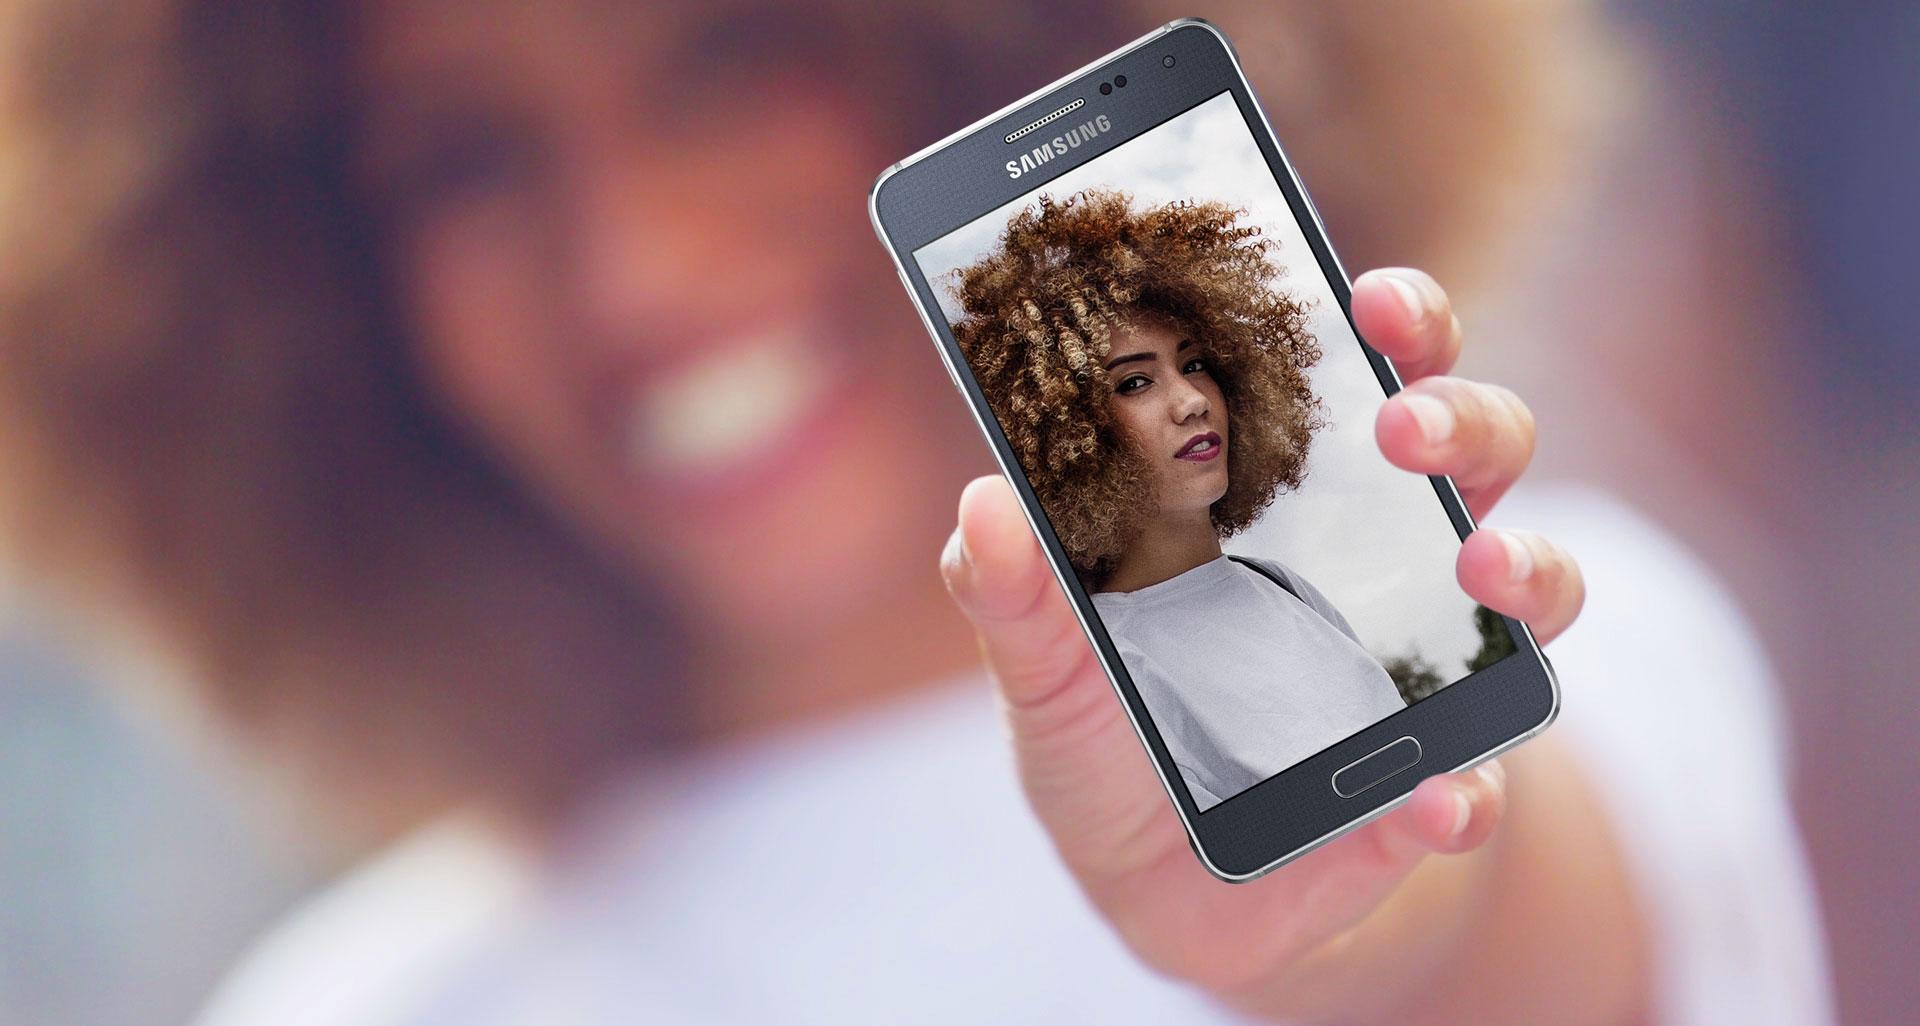 Samsung Galaxy Alpha Kullananlar, Yorumları